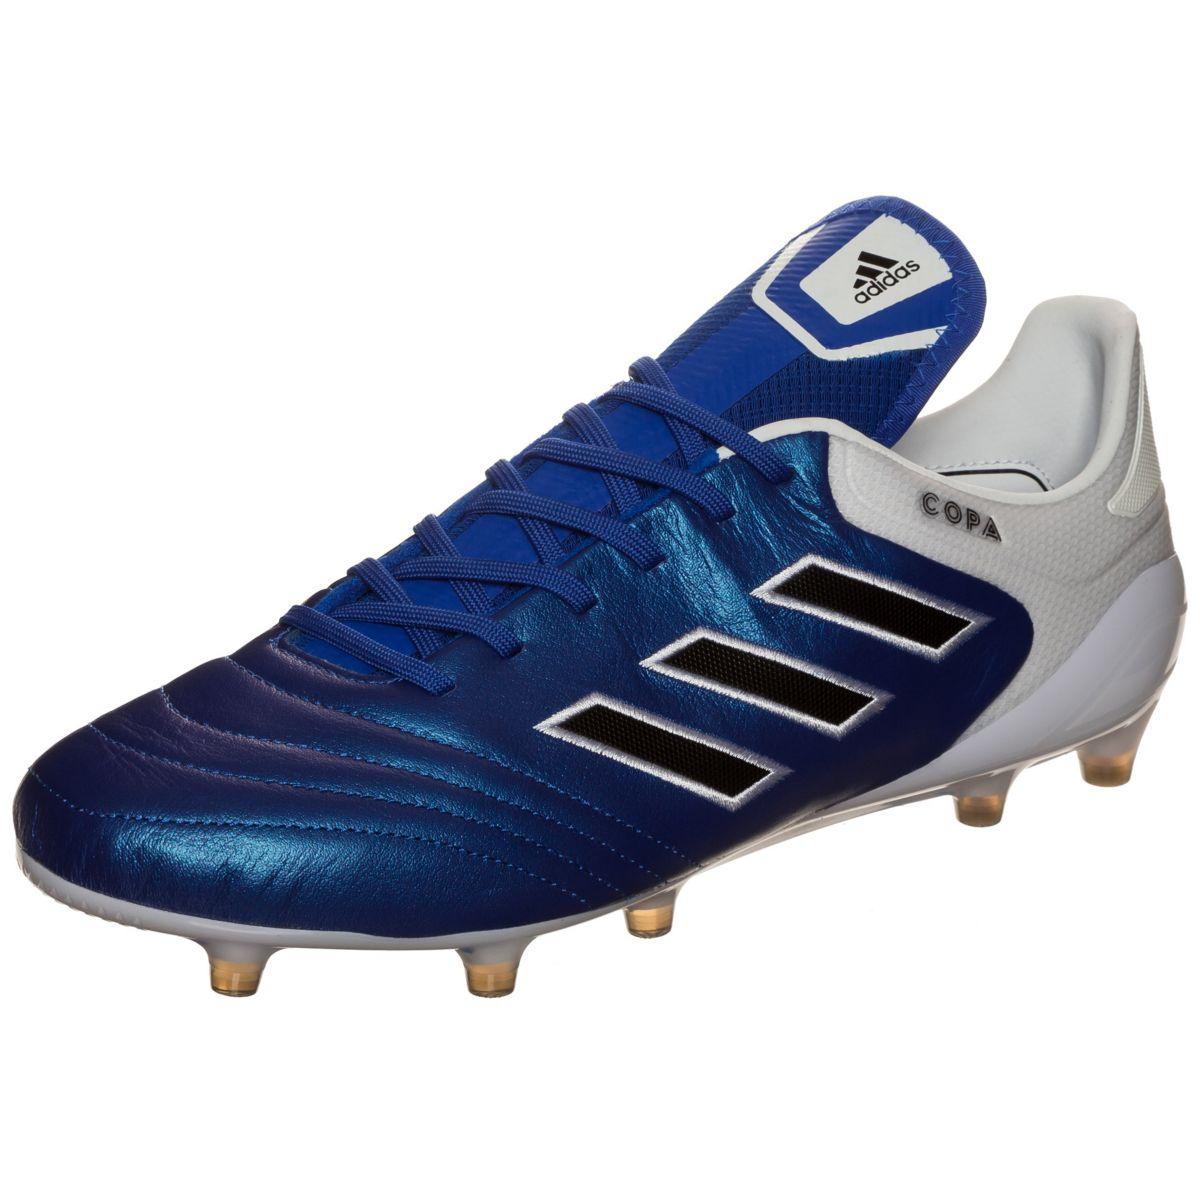 adidas Performance Copa 17 1 FG Fußballschuh Herren